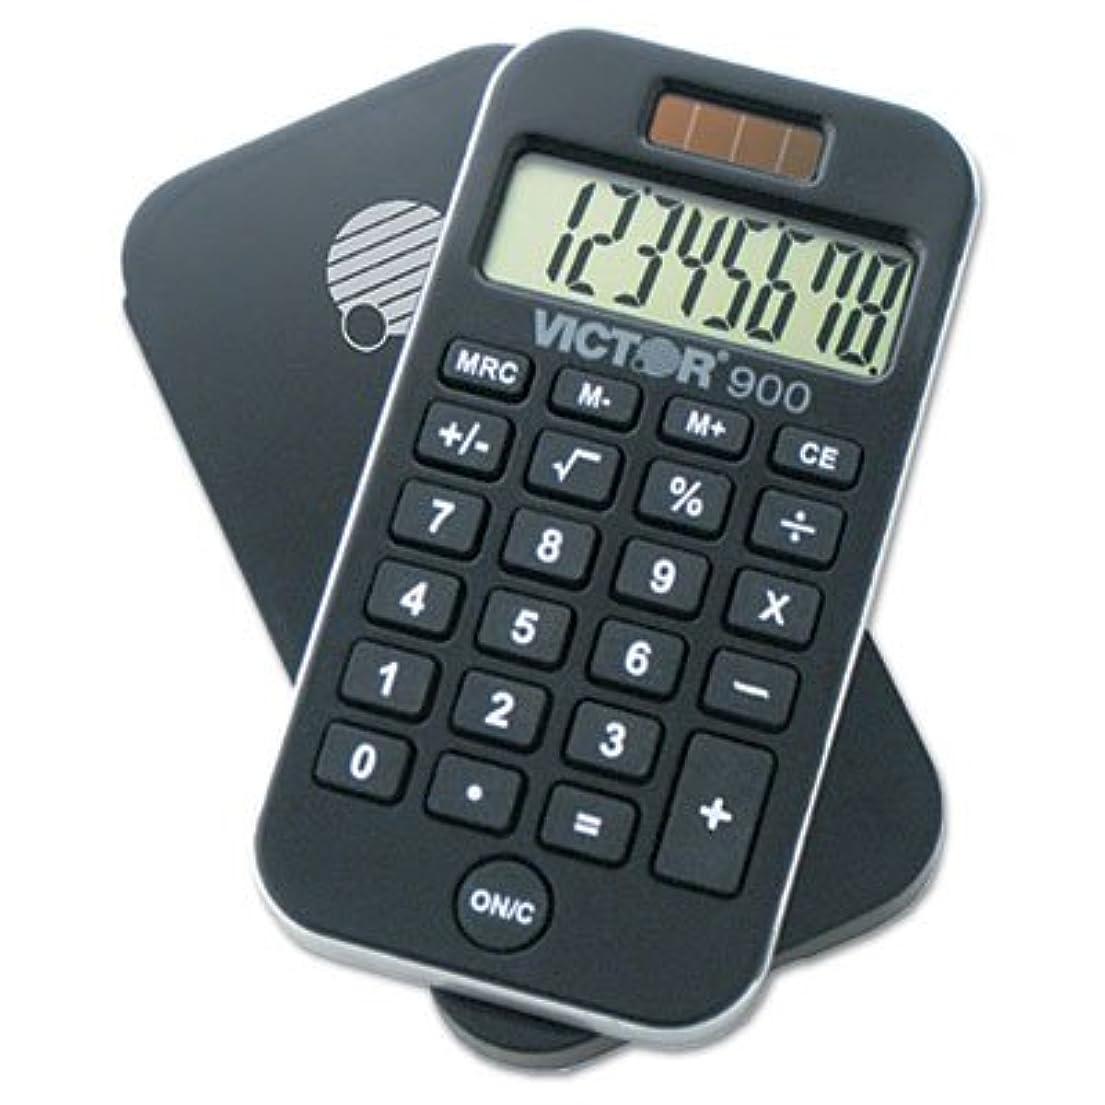 オレンジ余剰首尾一貫した900抗菌ポケット電卓、8桁LCD、合計60?ea , Sold as 1カートン